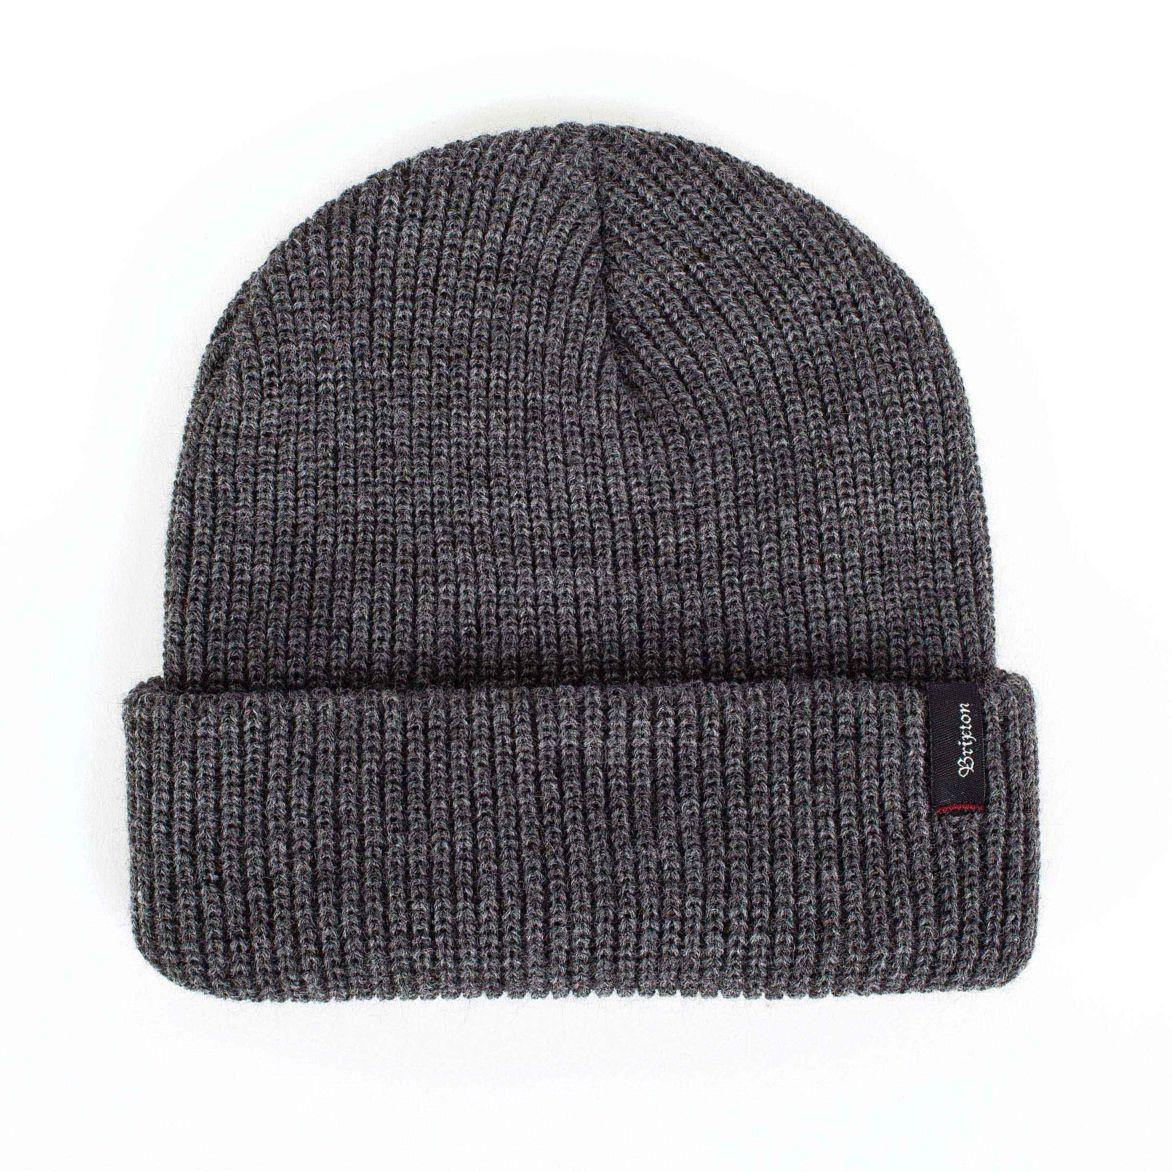 Pure cashmere plain tricot bonnet en gris anthracite